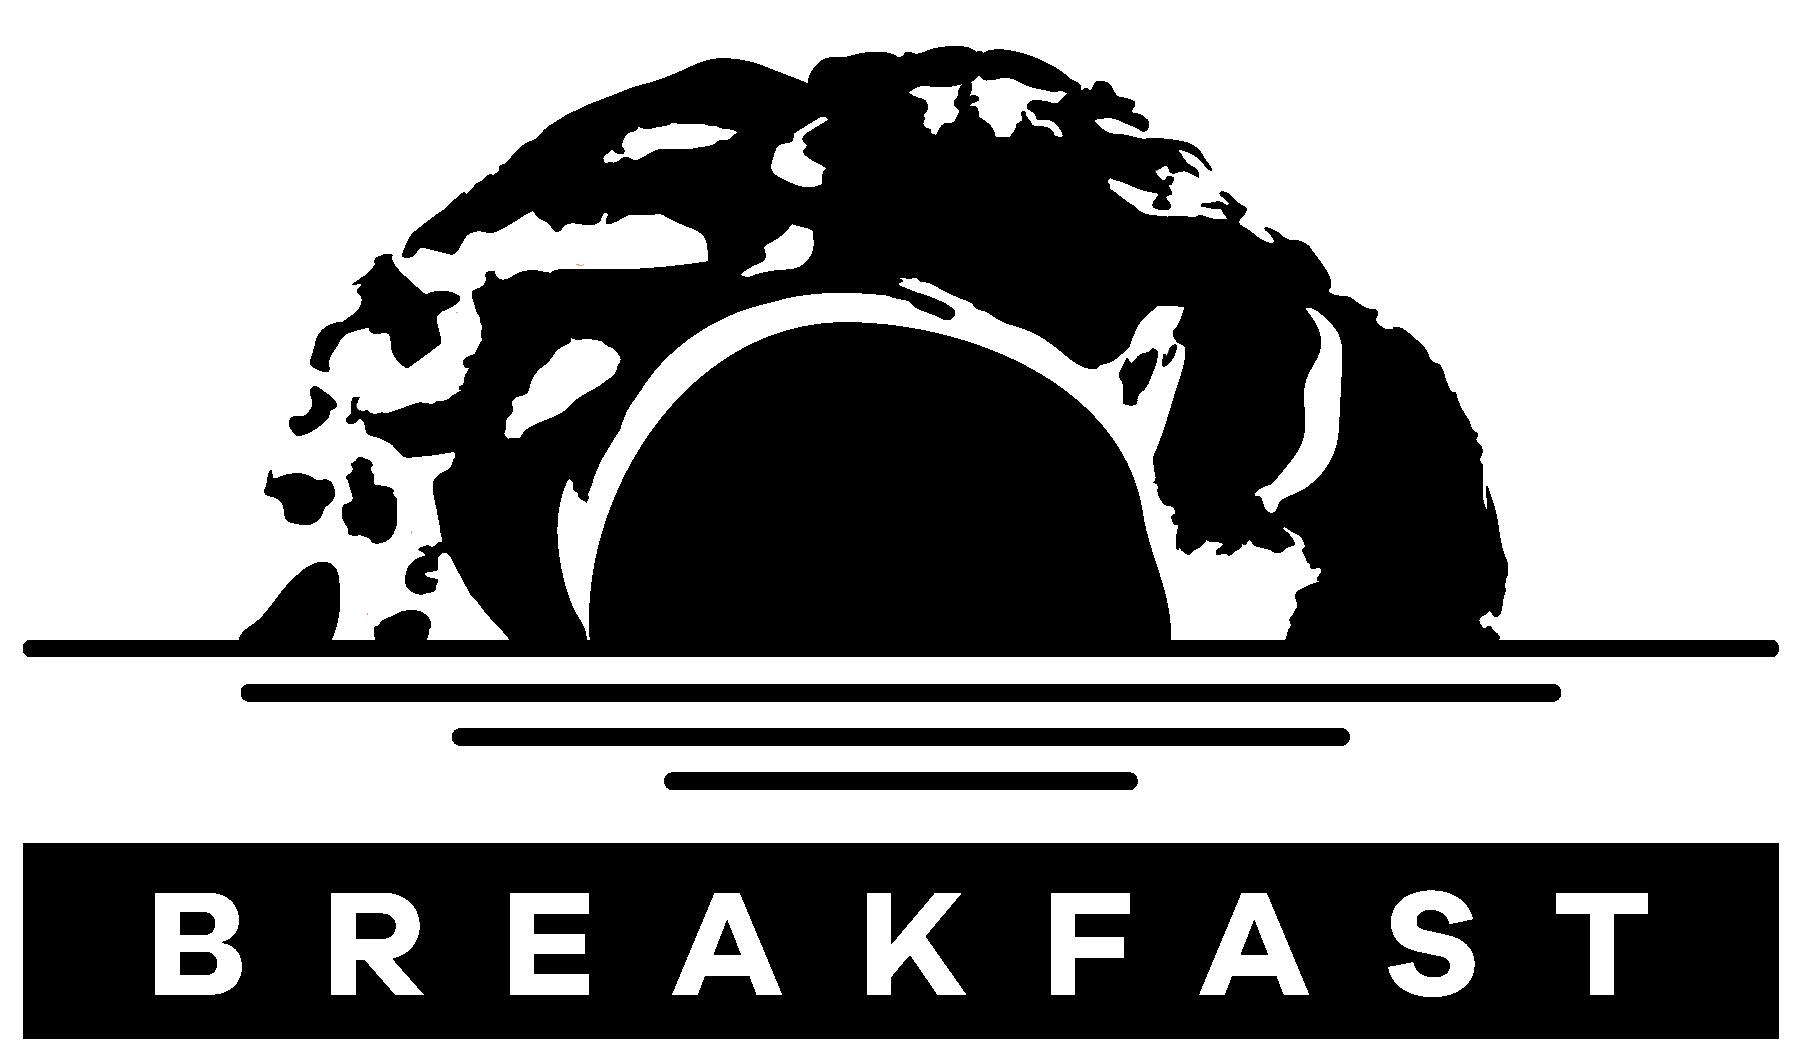 the 4our design breakfast identity logo full black